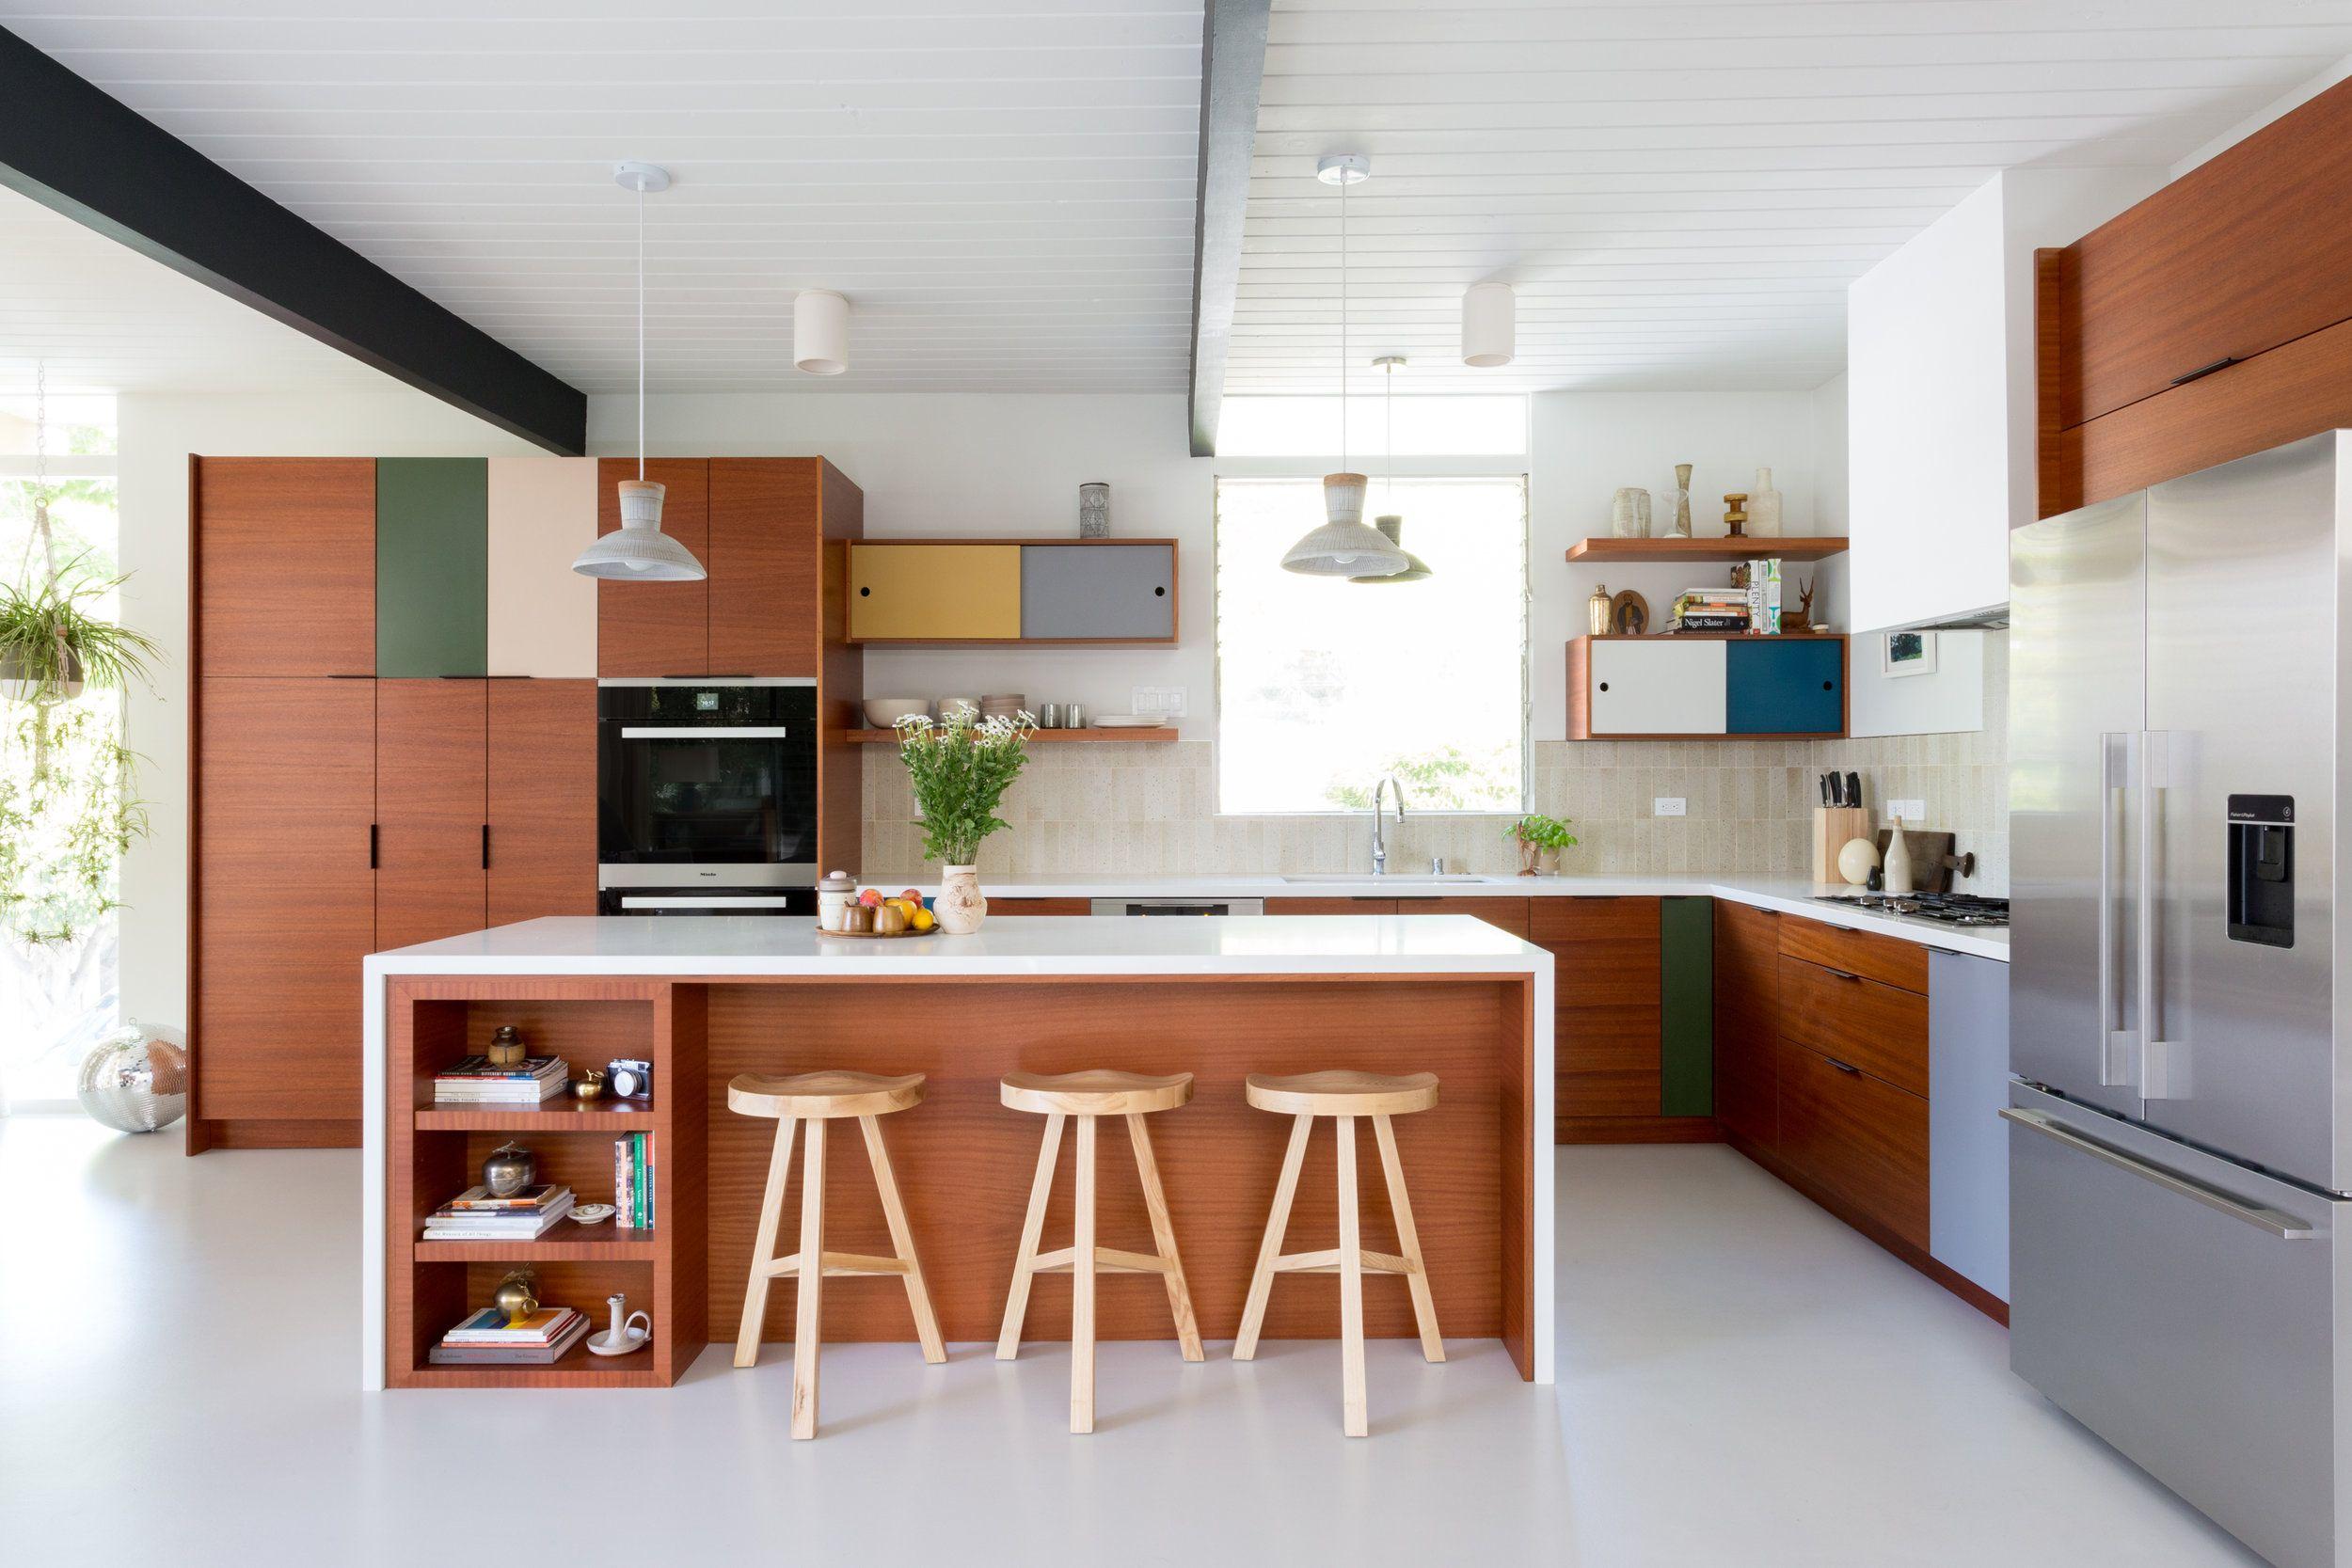 Img 1 Jpg Mid Century Modern Kitchen Design Modern Kitchen